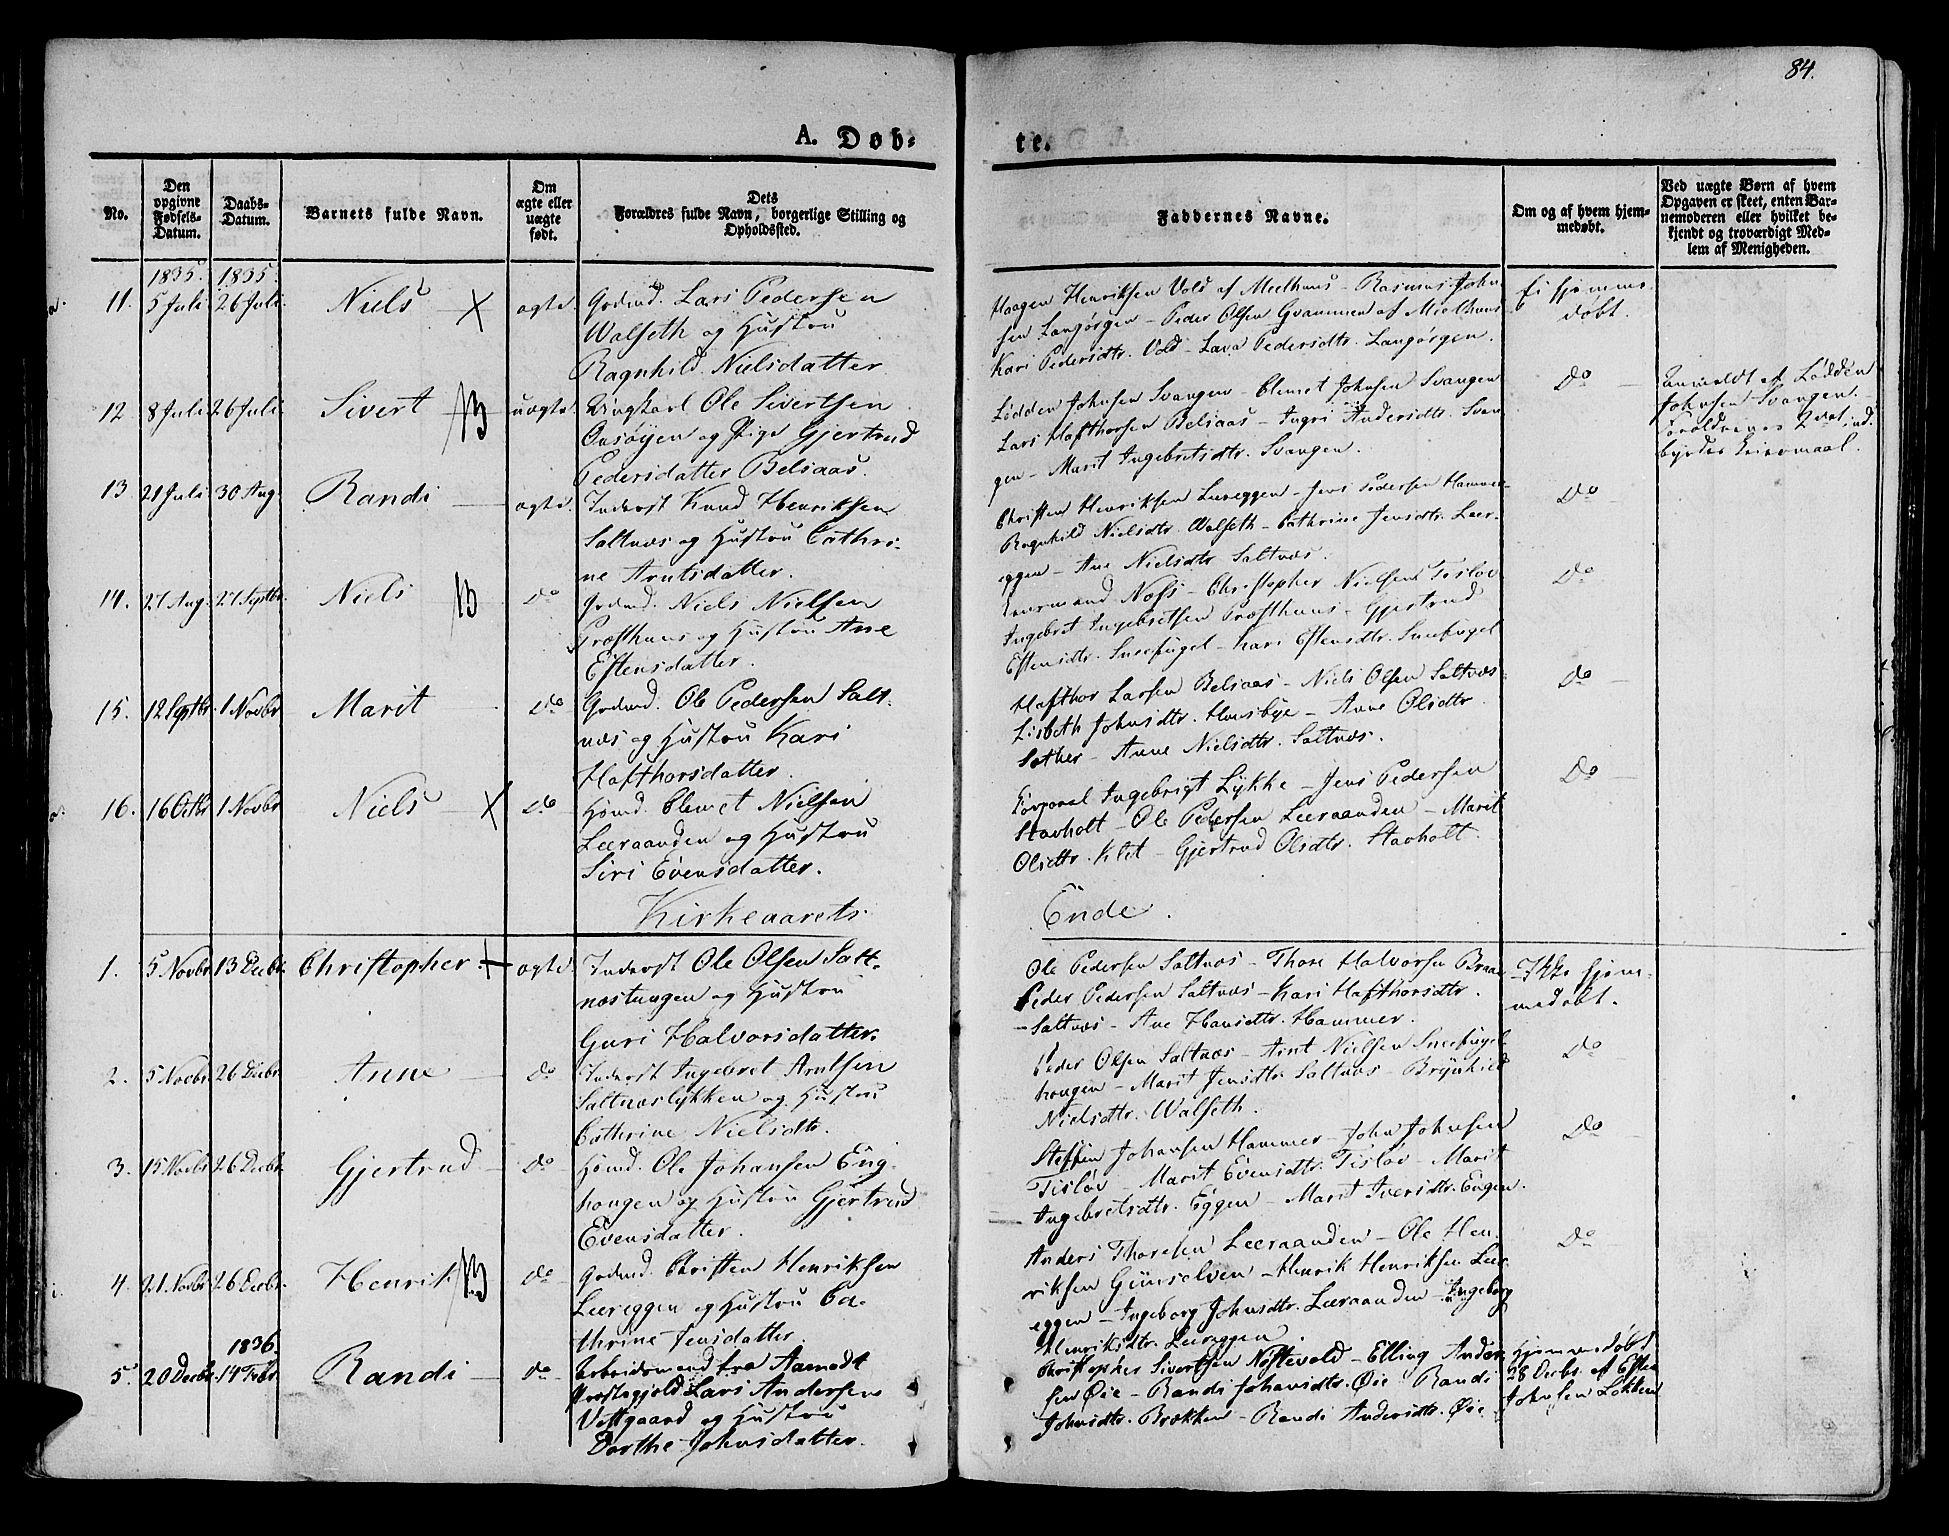 SAT, Ministerialprotokoller, klokkerbøker og fødselsregistre - Sør-Trøndelag, 612/L0375: Ministerialbok nr. 612A07 /2, 1829-1845, s. 84